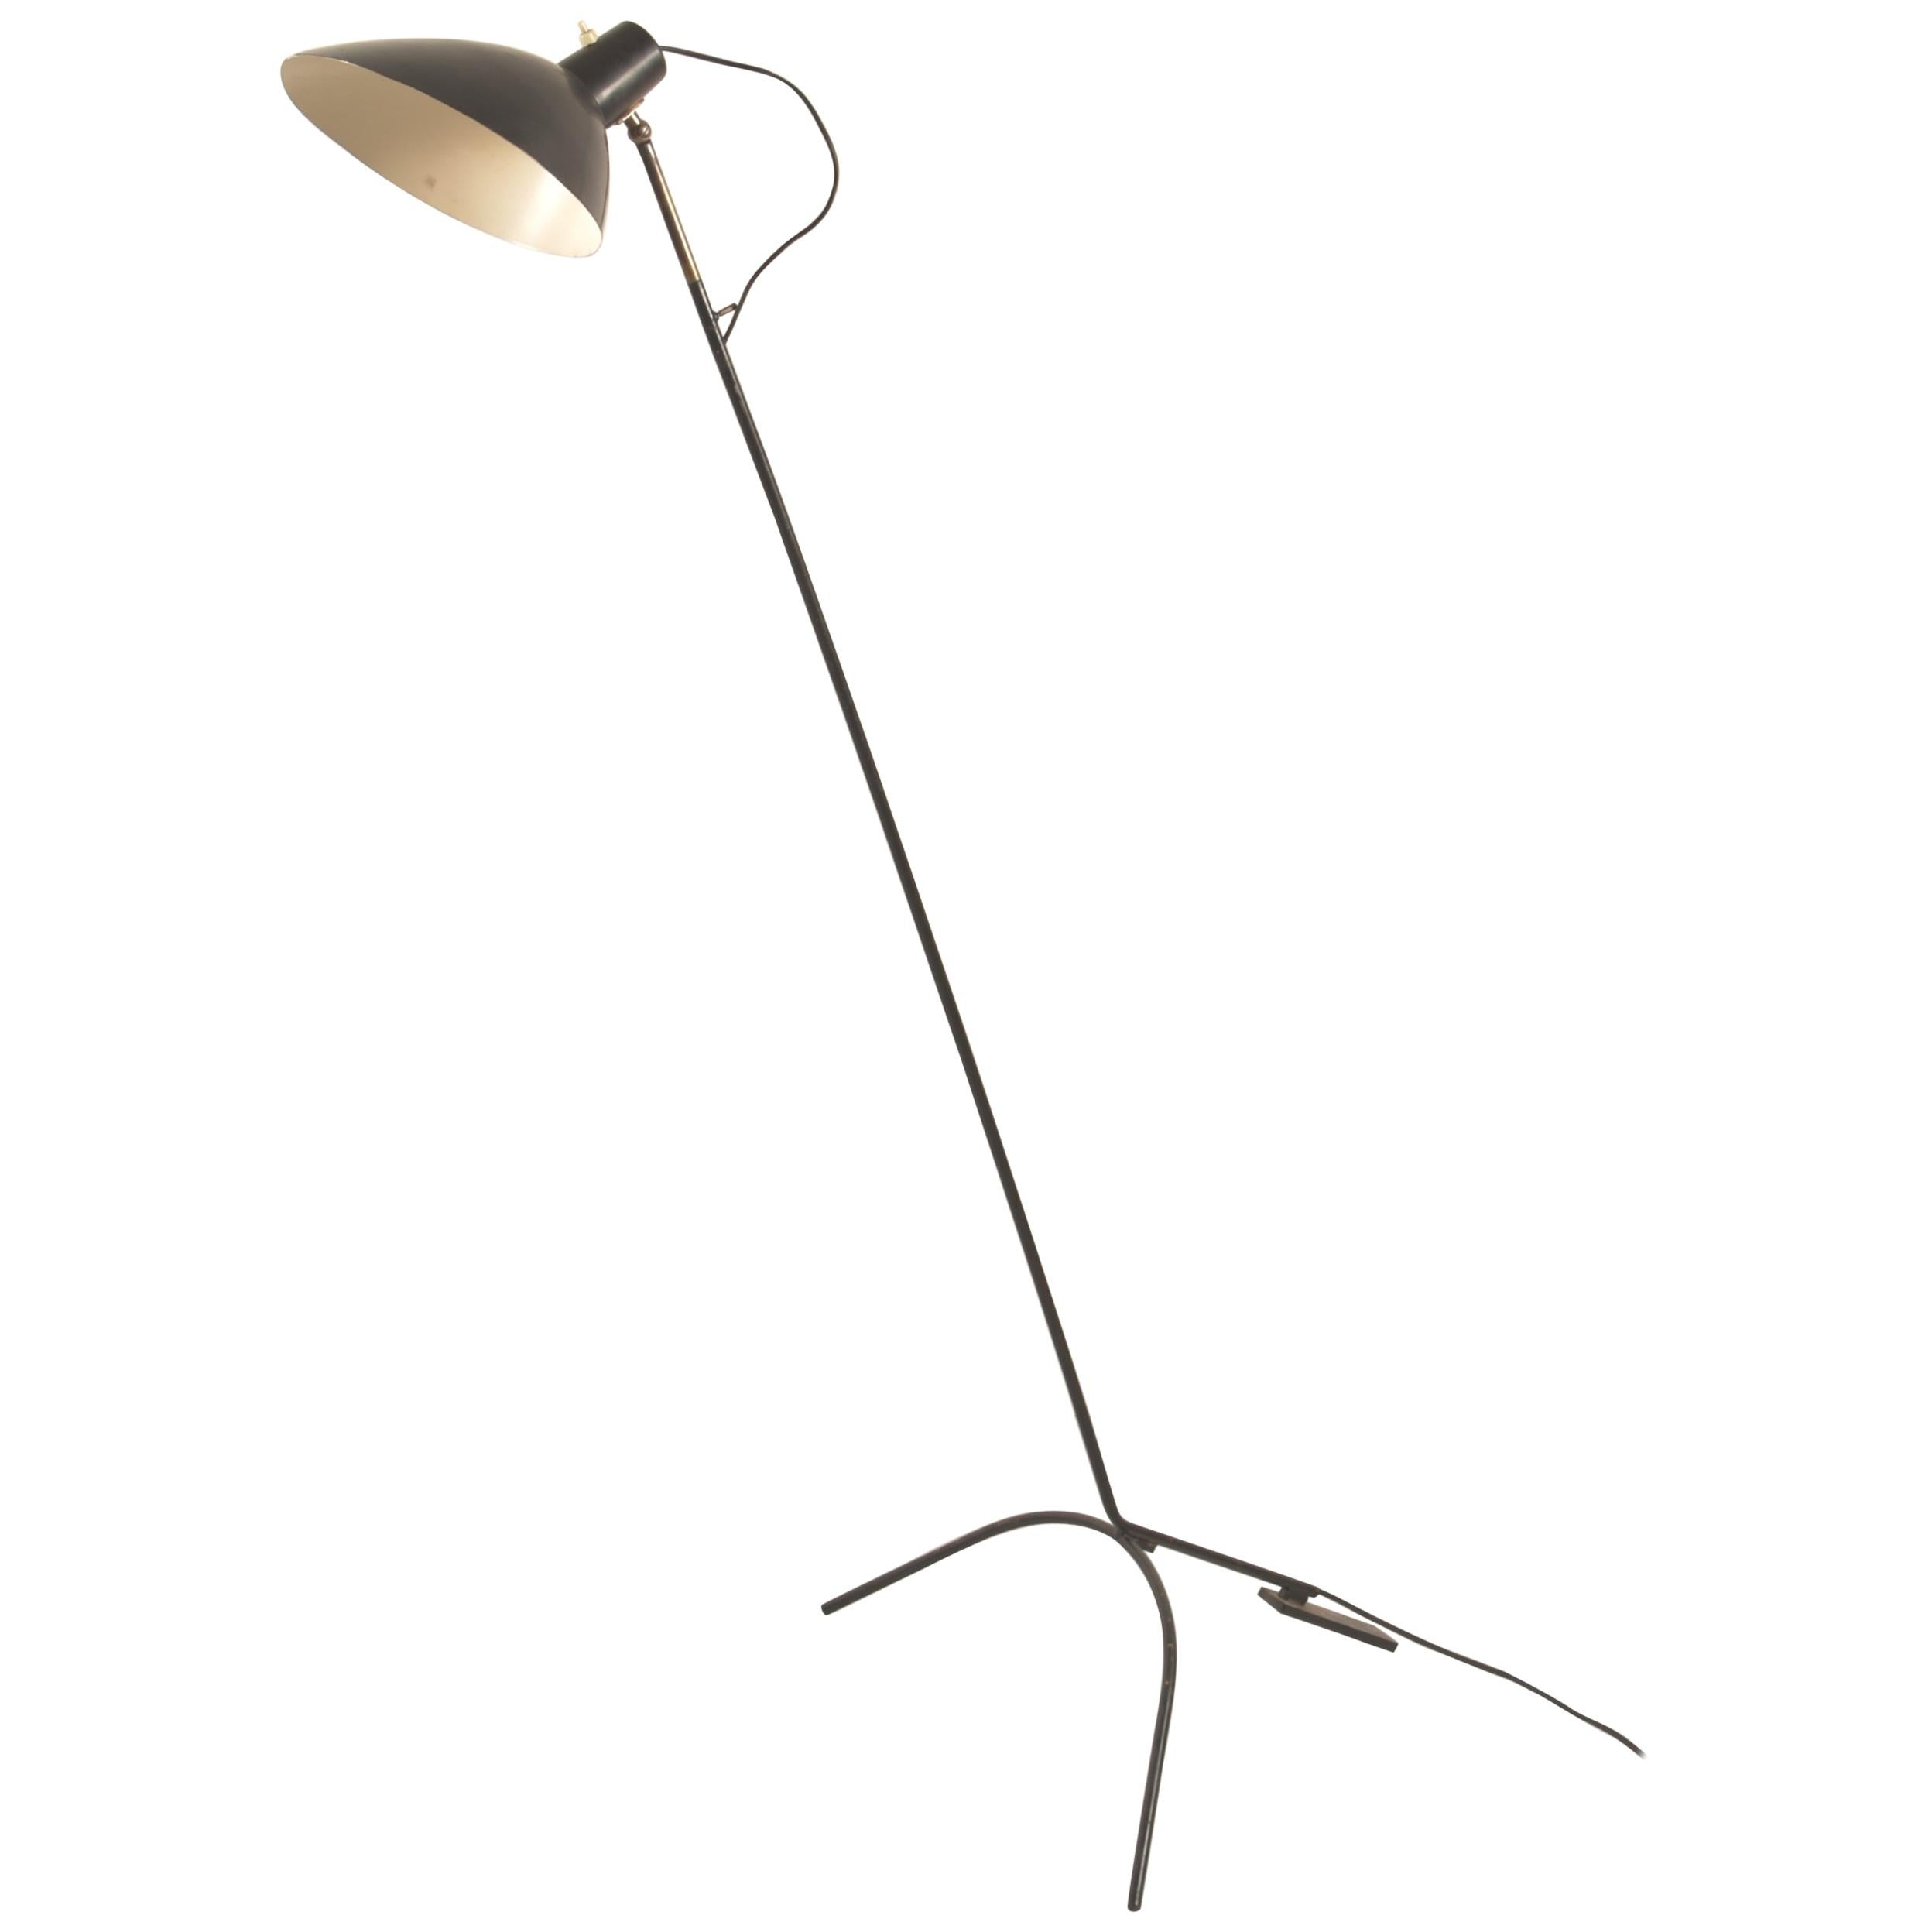 Vittoriano Vigano for Arteluce Rare Italian Floor Lamp Model 1047